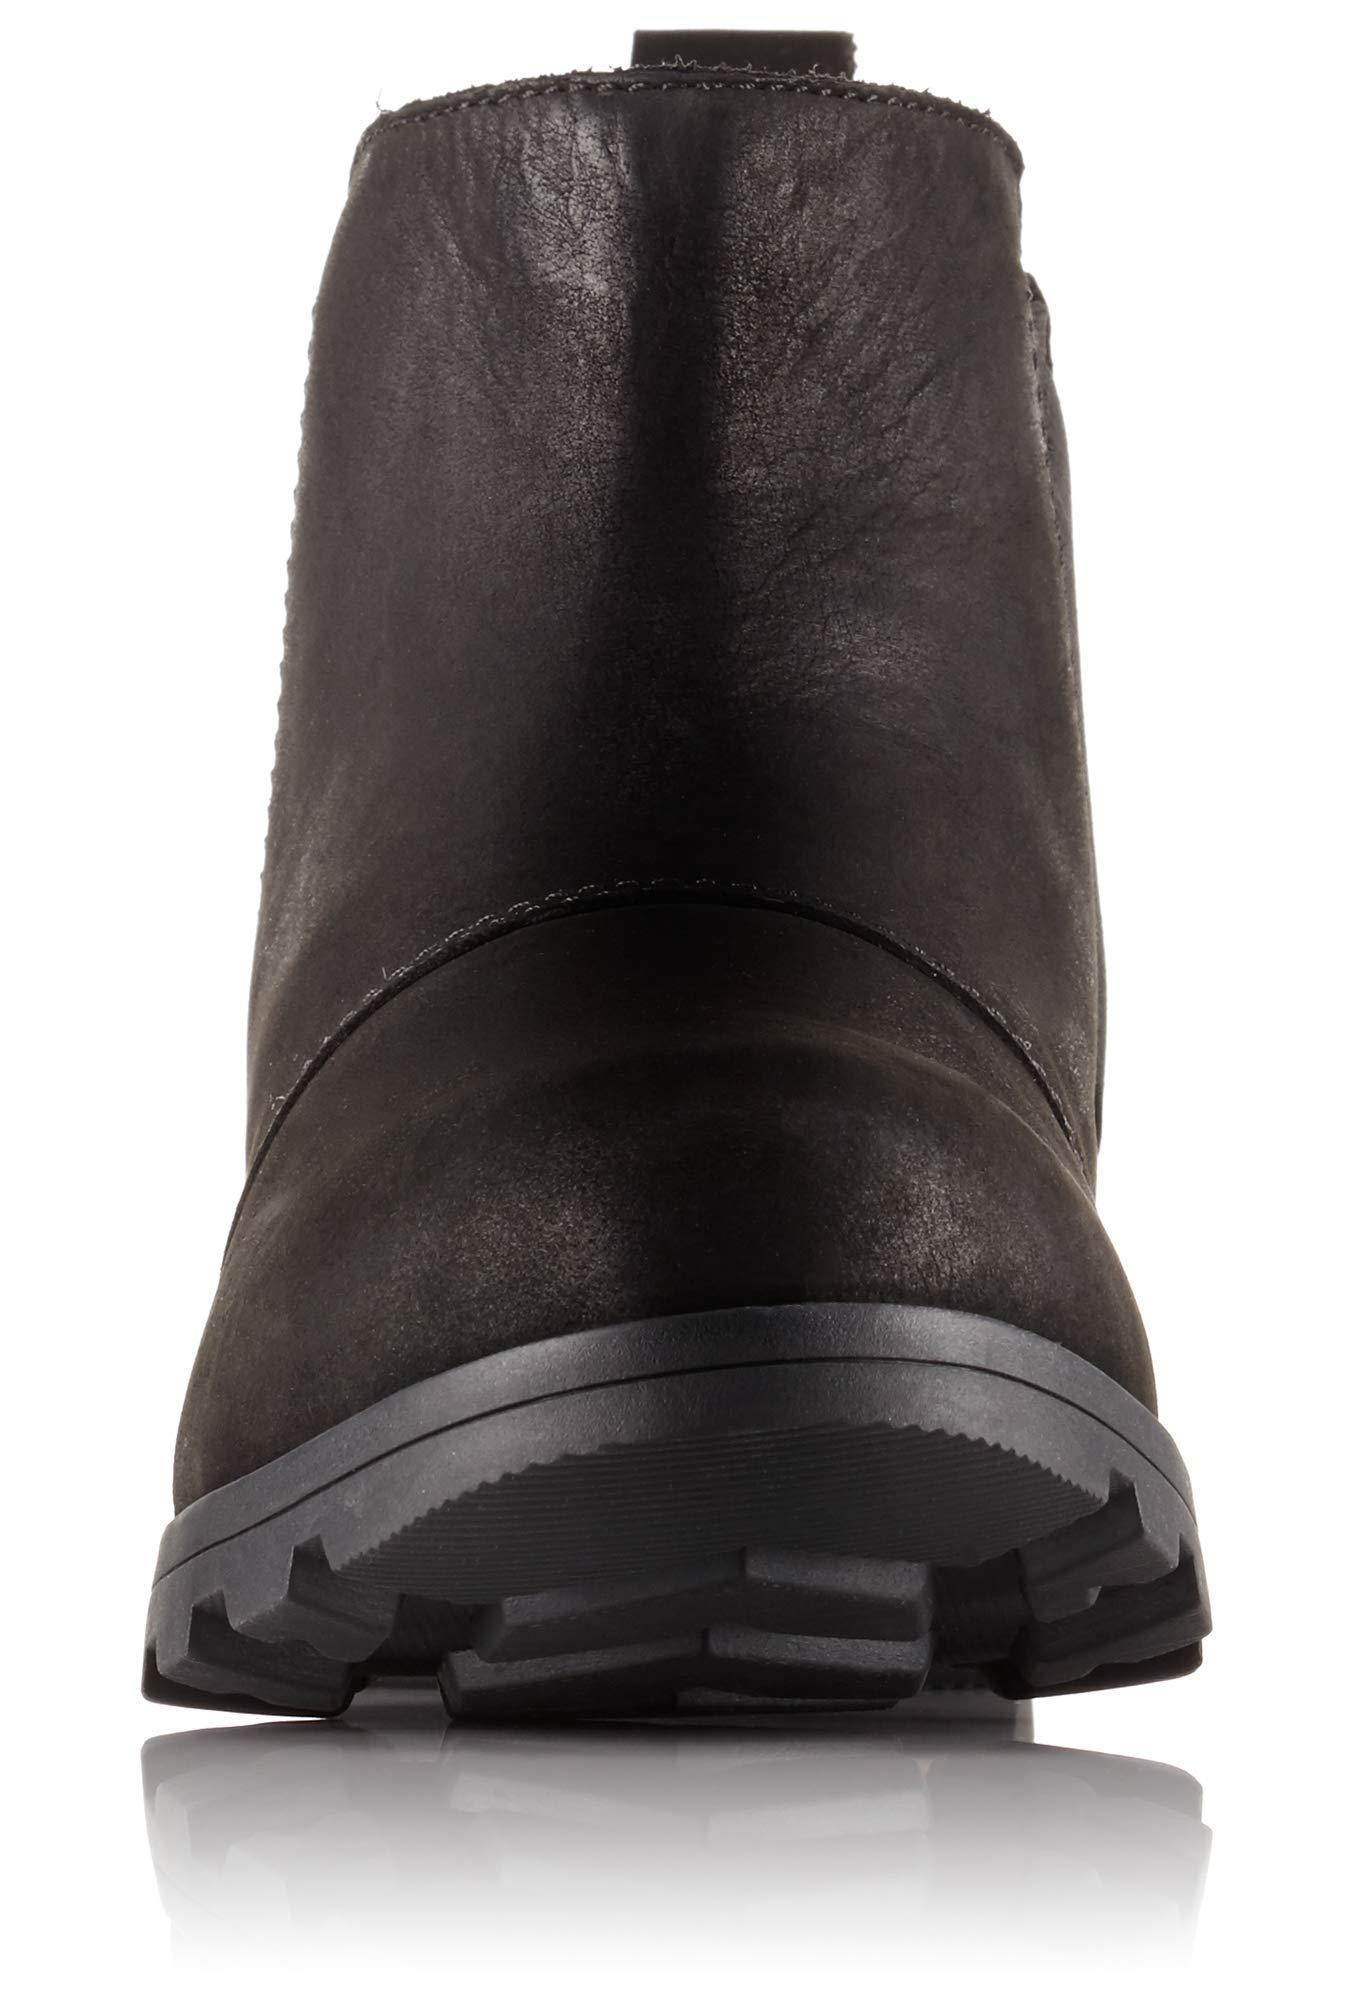 Sorel – Women's Emelie Chelsea Waterproof Ankle Boots